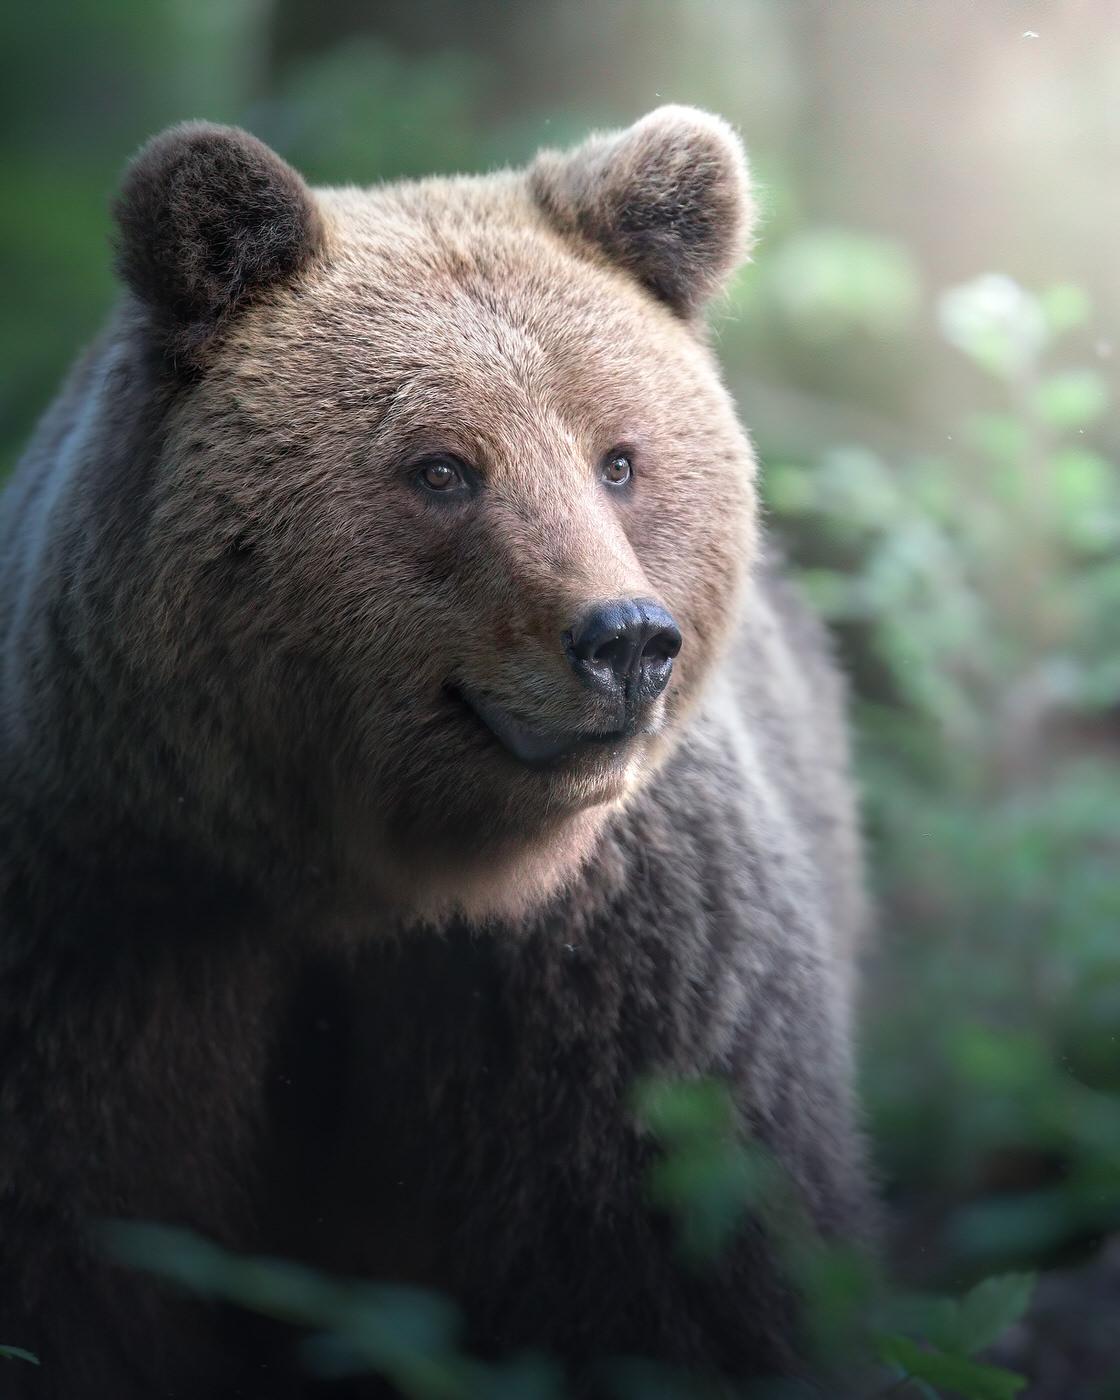 viaggio fotografico slovenia orso bruno